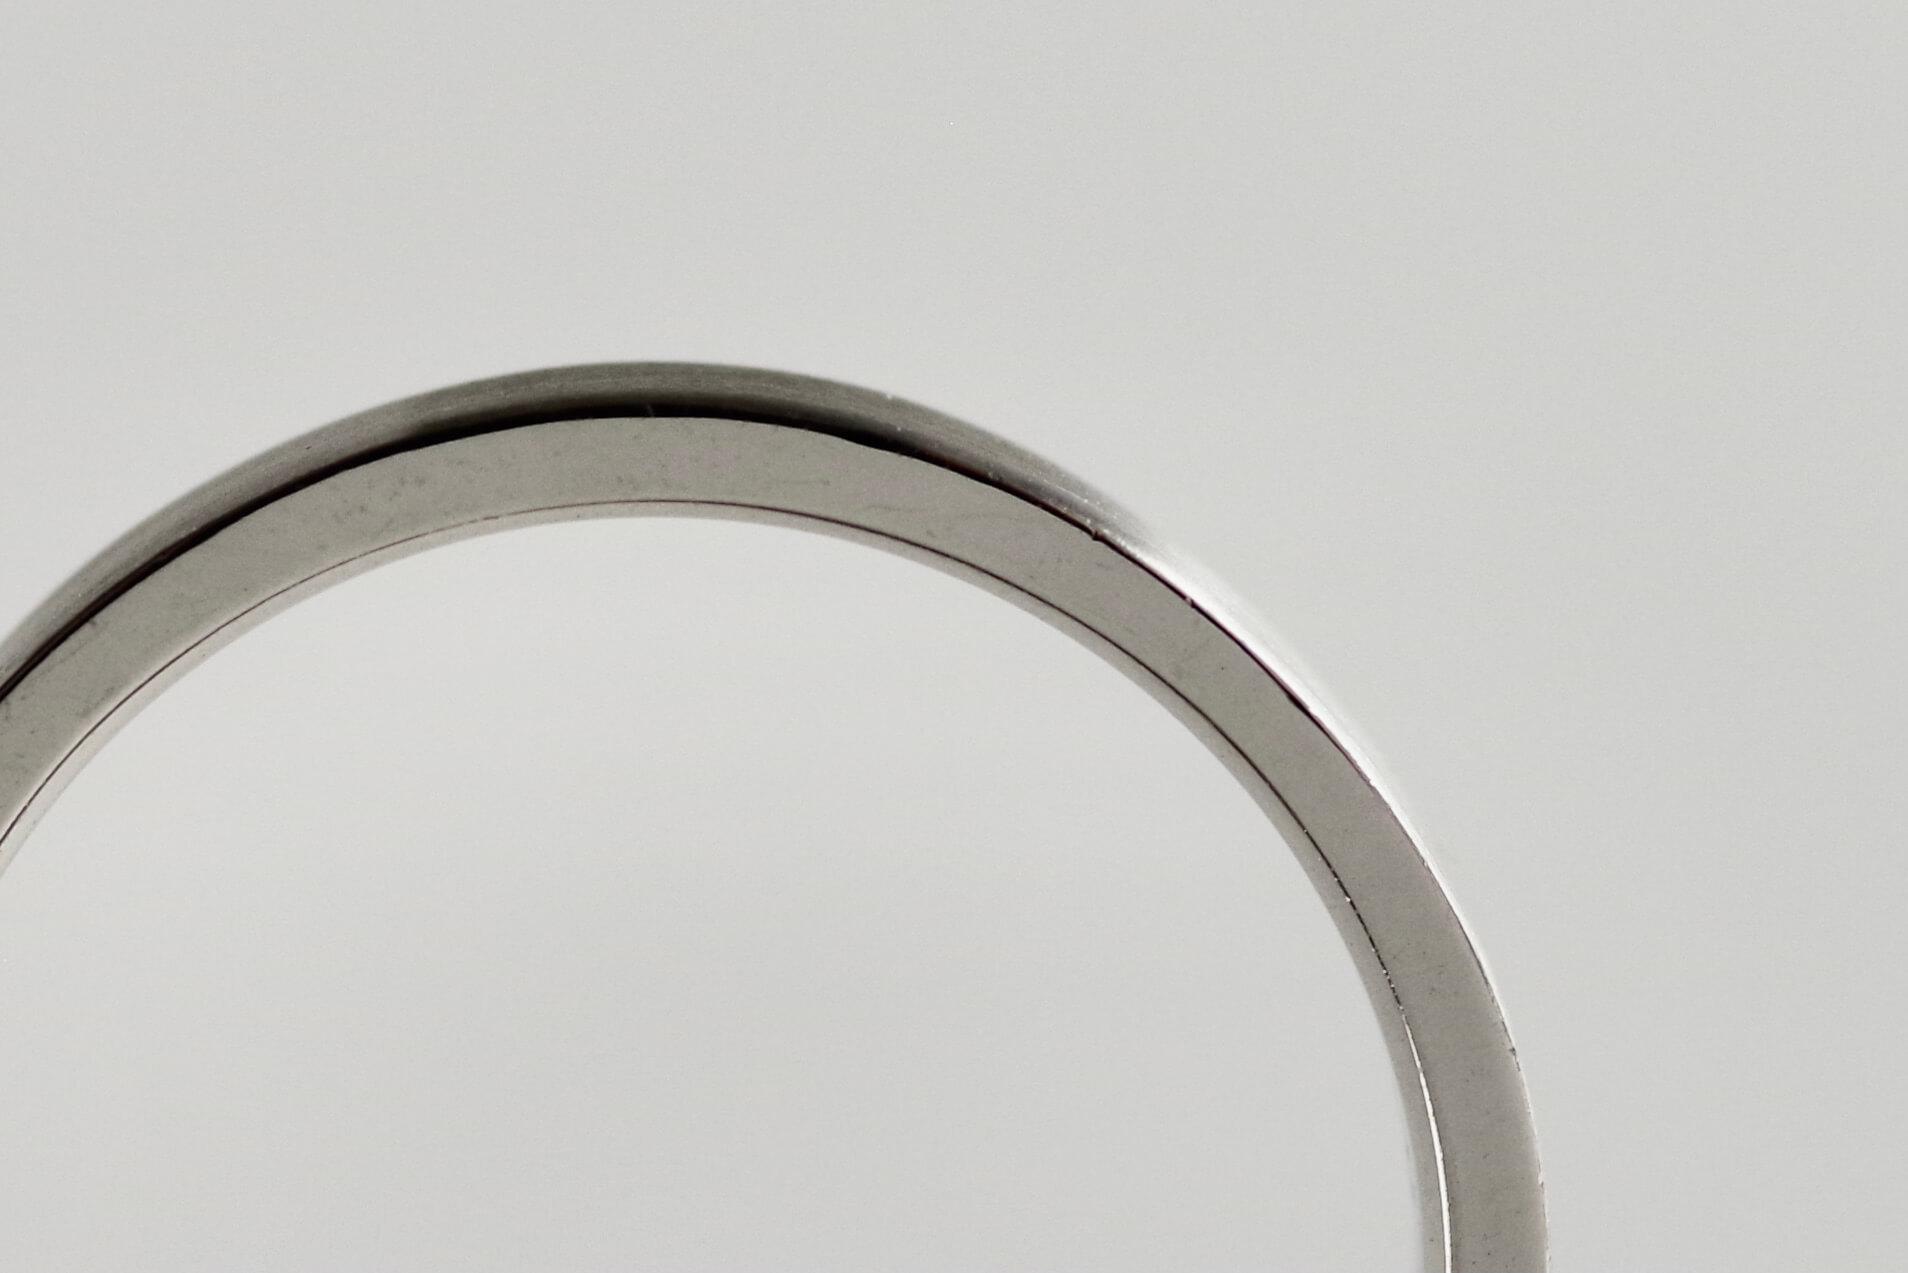 シンプル 結婚指輪 比較 甲丸 平打ち 平甲丸 平打ちの側面